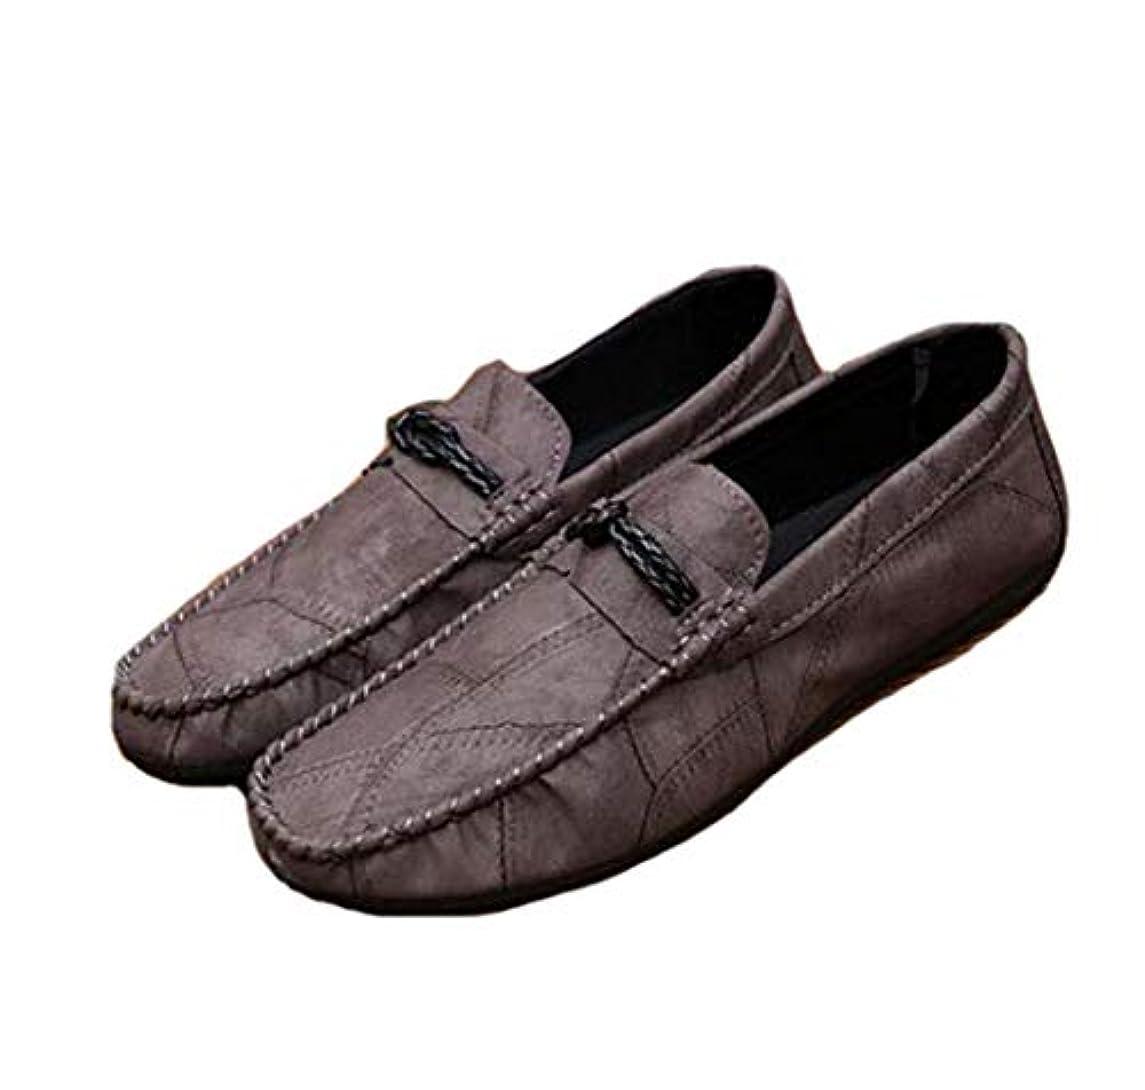 心のこもった原子炉価格PIITE ローファー メンズ 靴 トライビングシューズ スリッポン ビジネス シューズ カジュアルシューズ 本革靴 紳士靴 おしゃれ シンプル レジャー 無地 ファッション 通勤通学